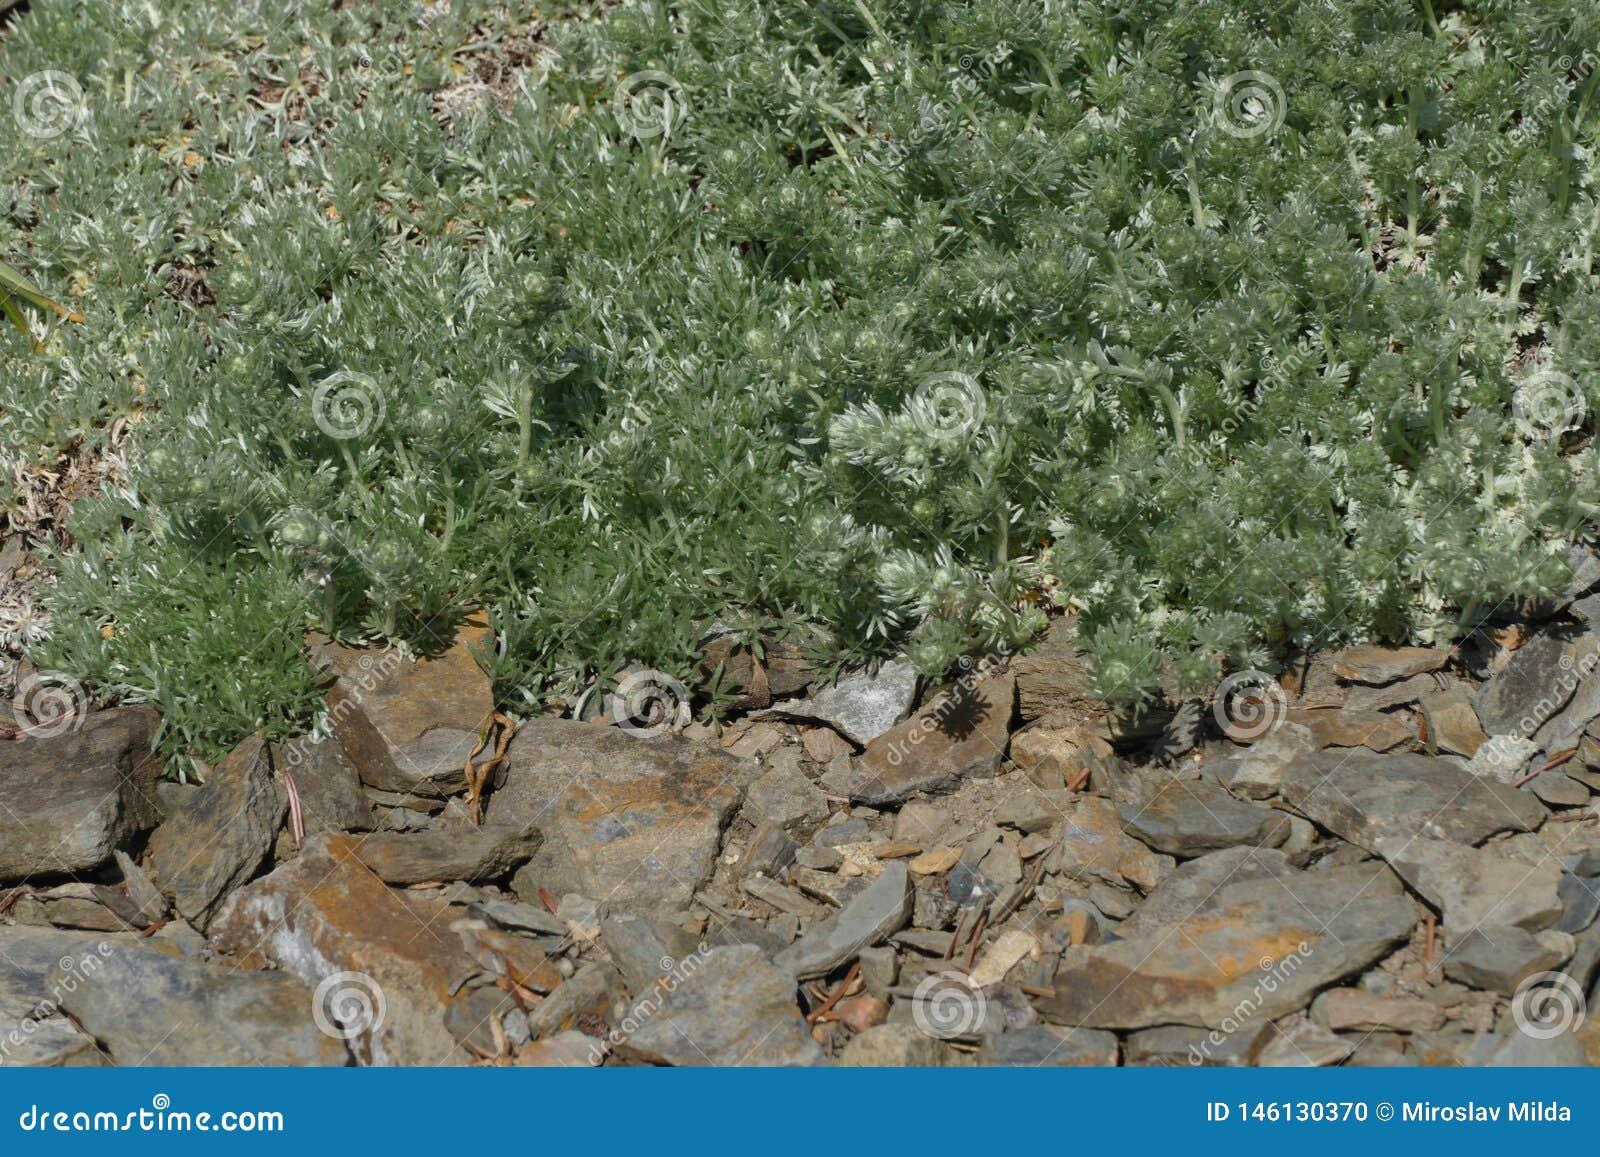 Wild absinth shrub